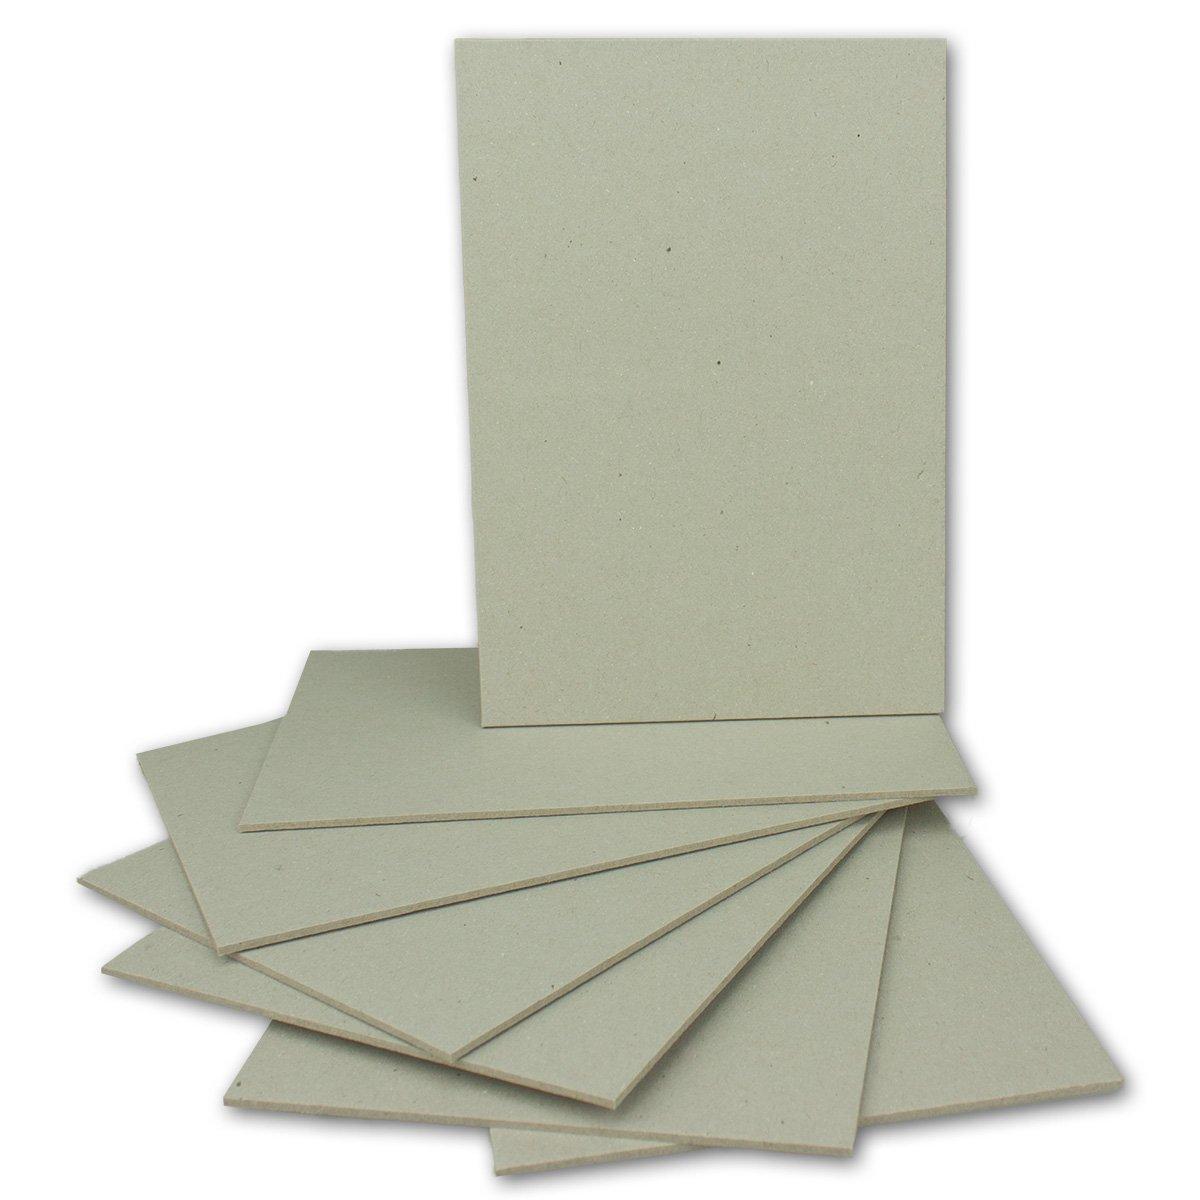 100 Stück Buchbinderpappe DIN A4   Stärke 2,0 mm   Grammatur  1230 g m²   Format  29,7 x 21,0 cm   Farbe  Grau-Braun   100 Stück B078GQ77TM | Erste Klasse in seiner Klasse